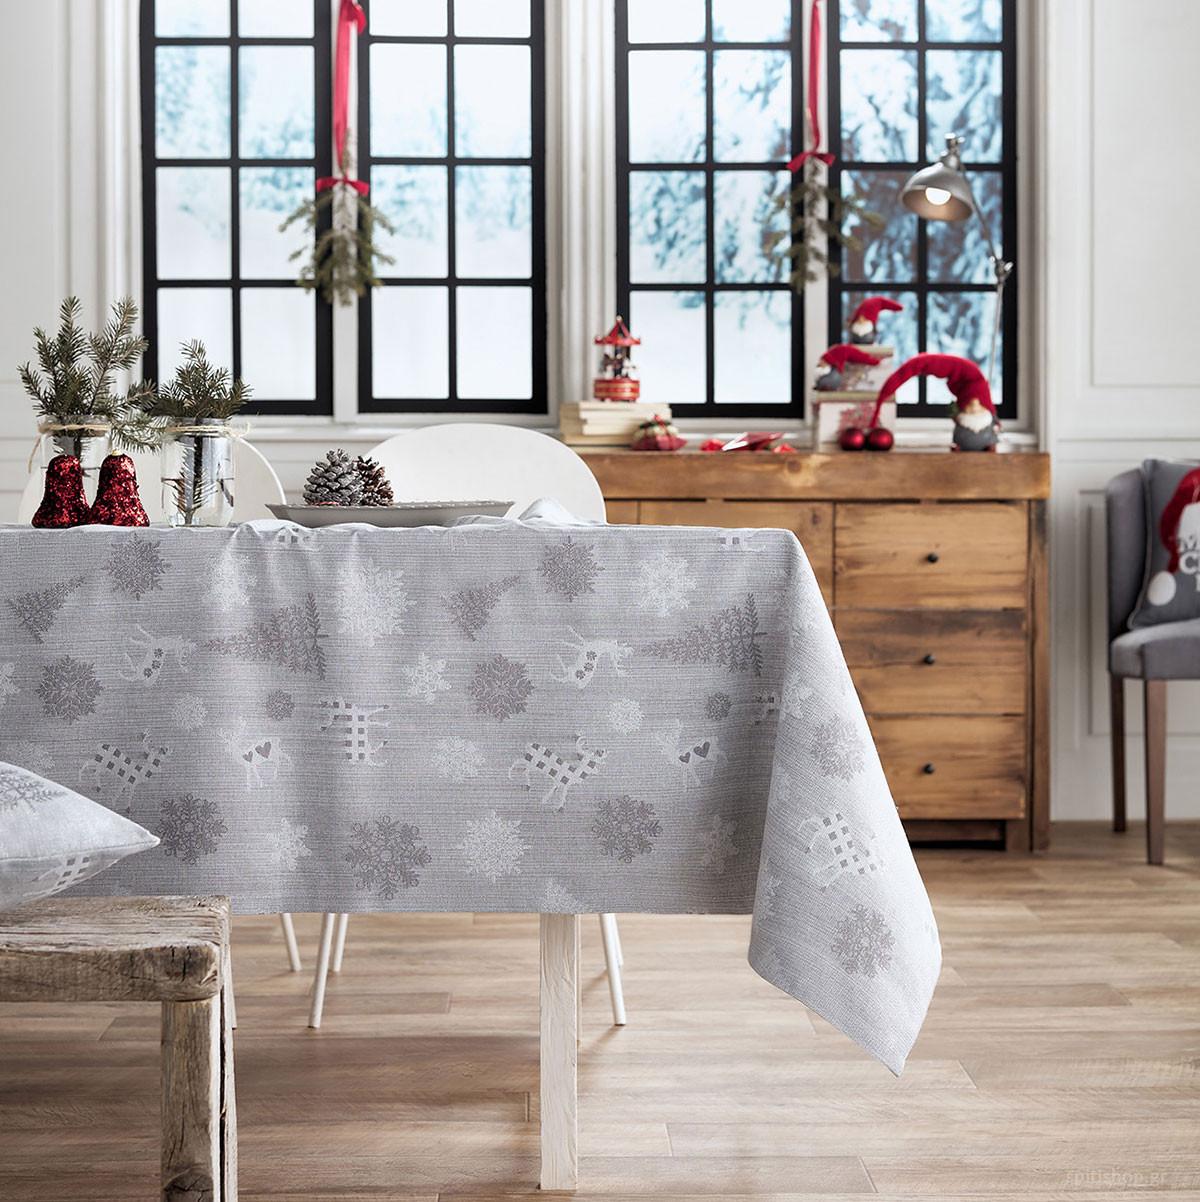 Χριστουγεννιάτικο Τραπεζομάντηλο (135×135) Gofis Home 285/15